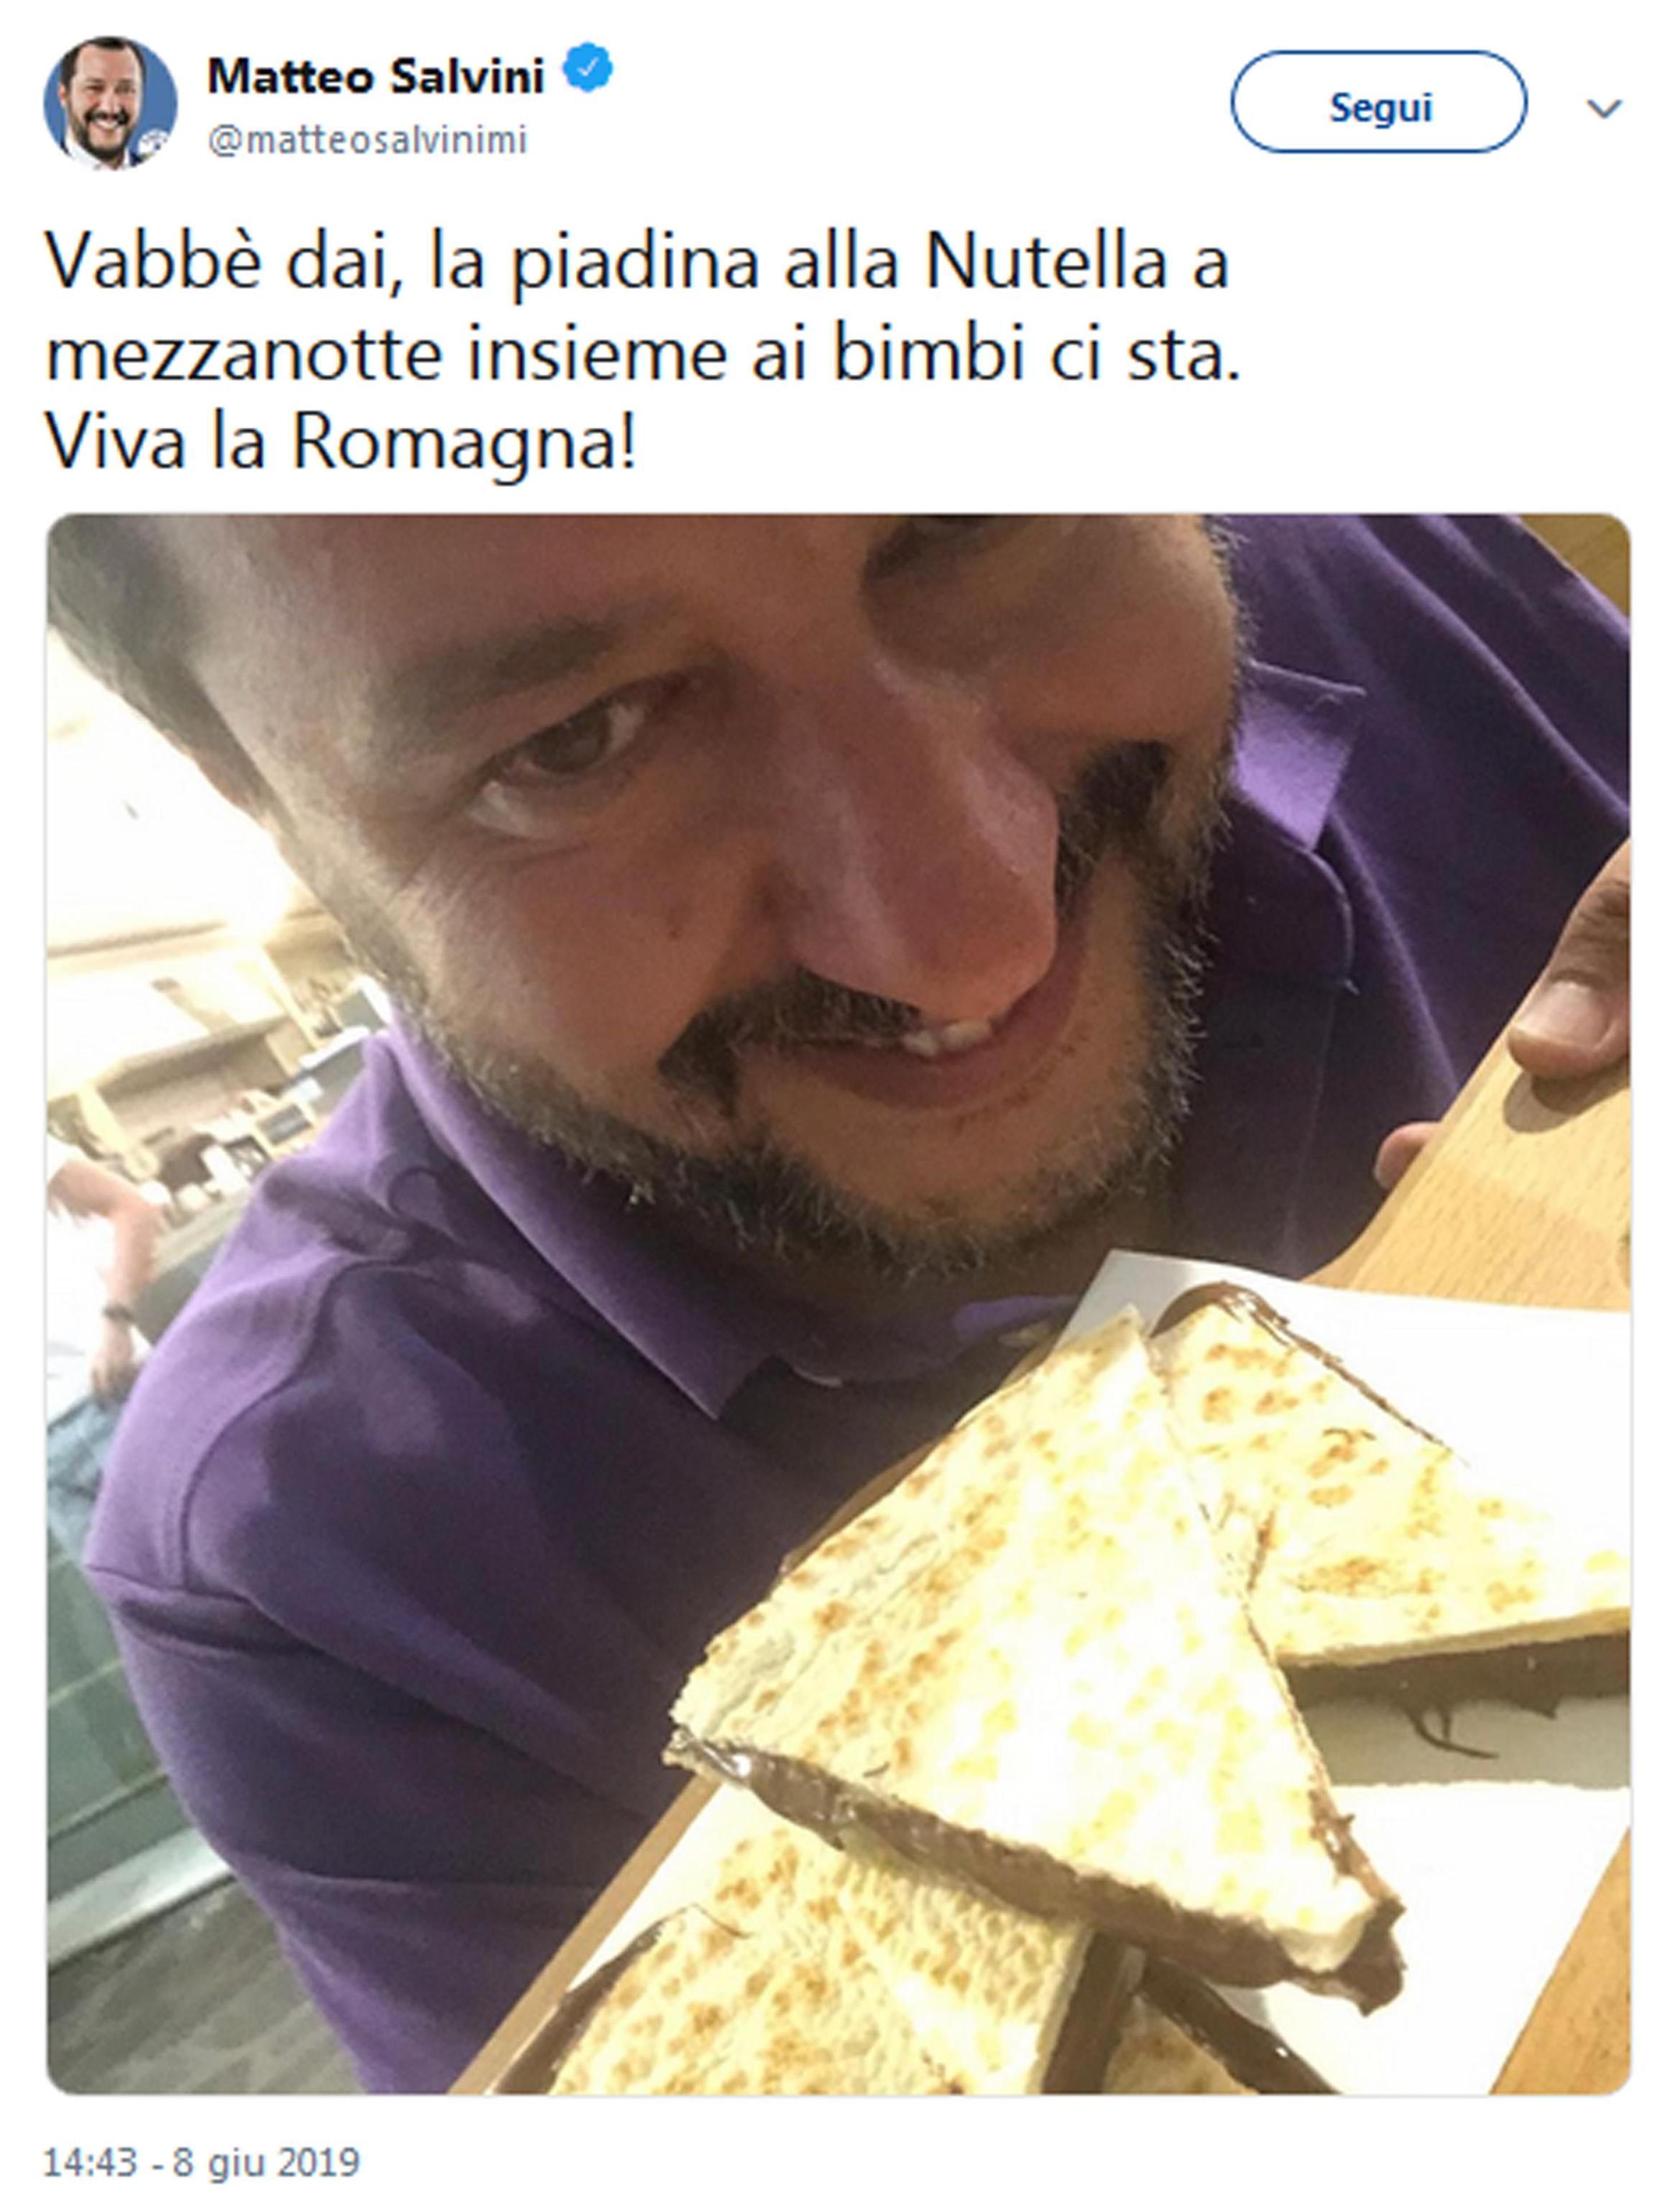 Quando Matteo Salvini amava e promuoveva la Nutella su Twitter (Ansa)